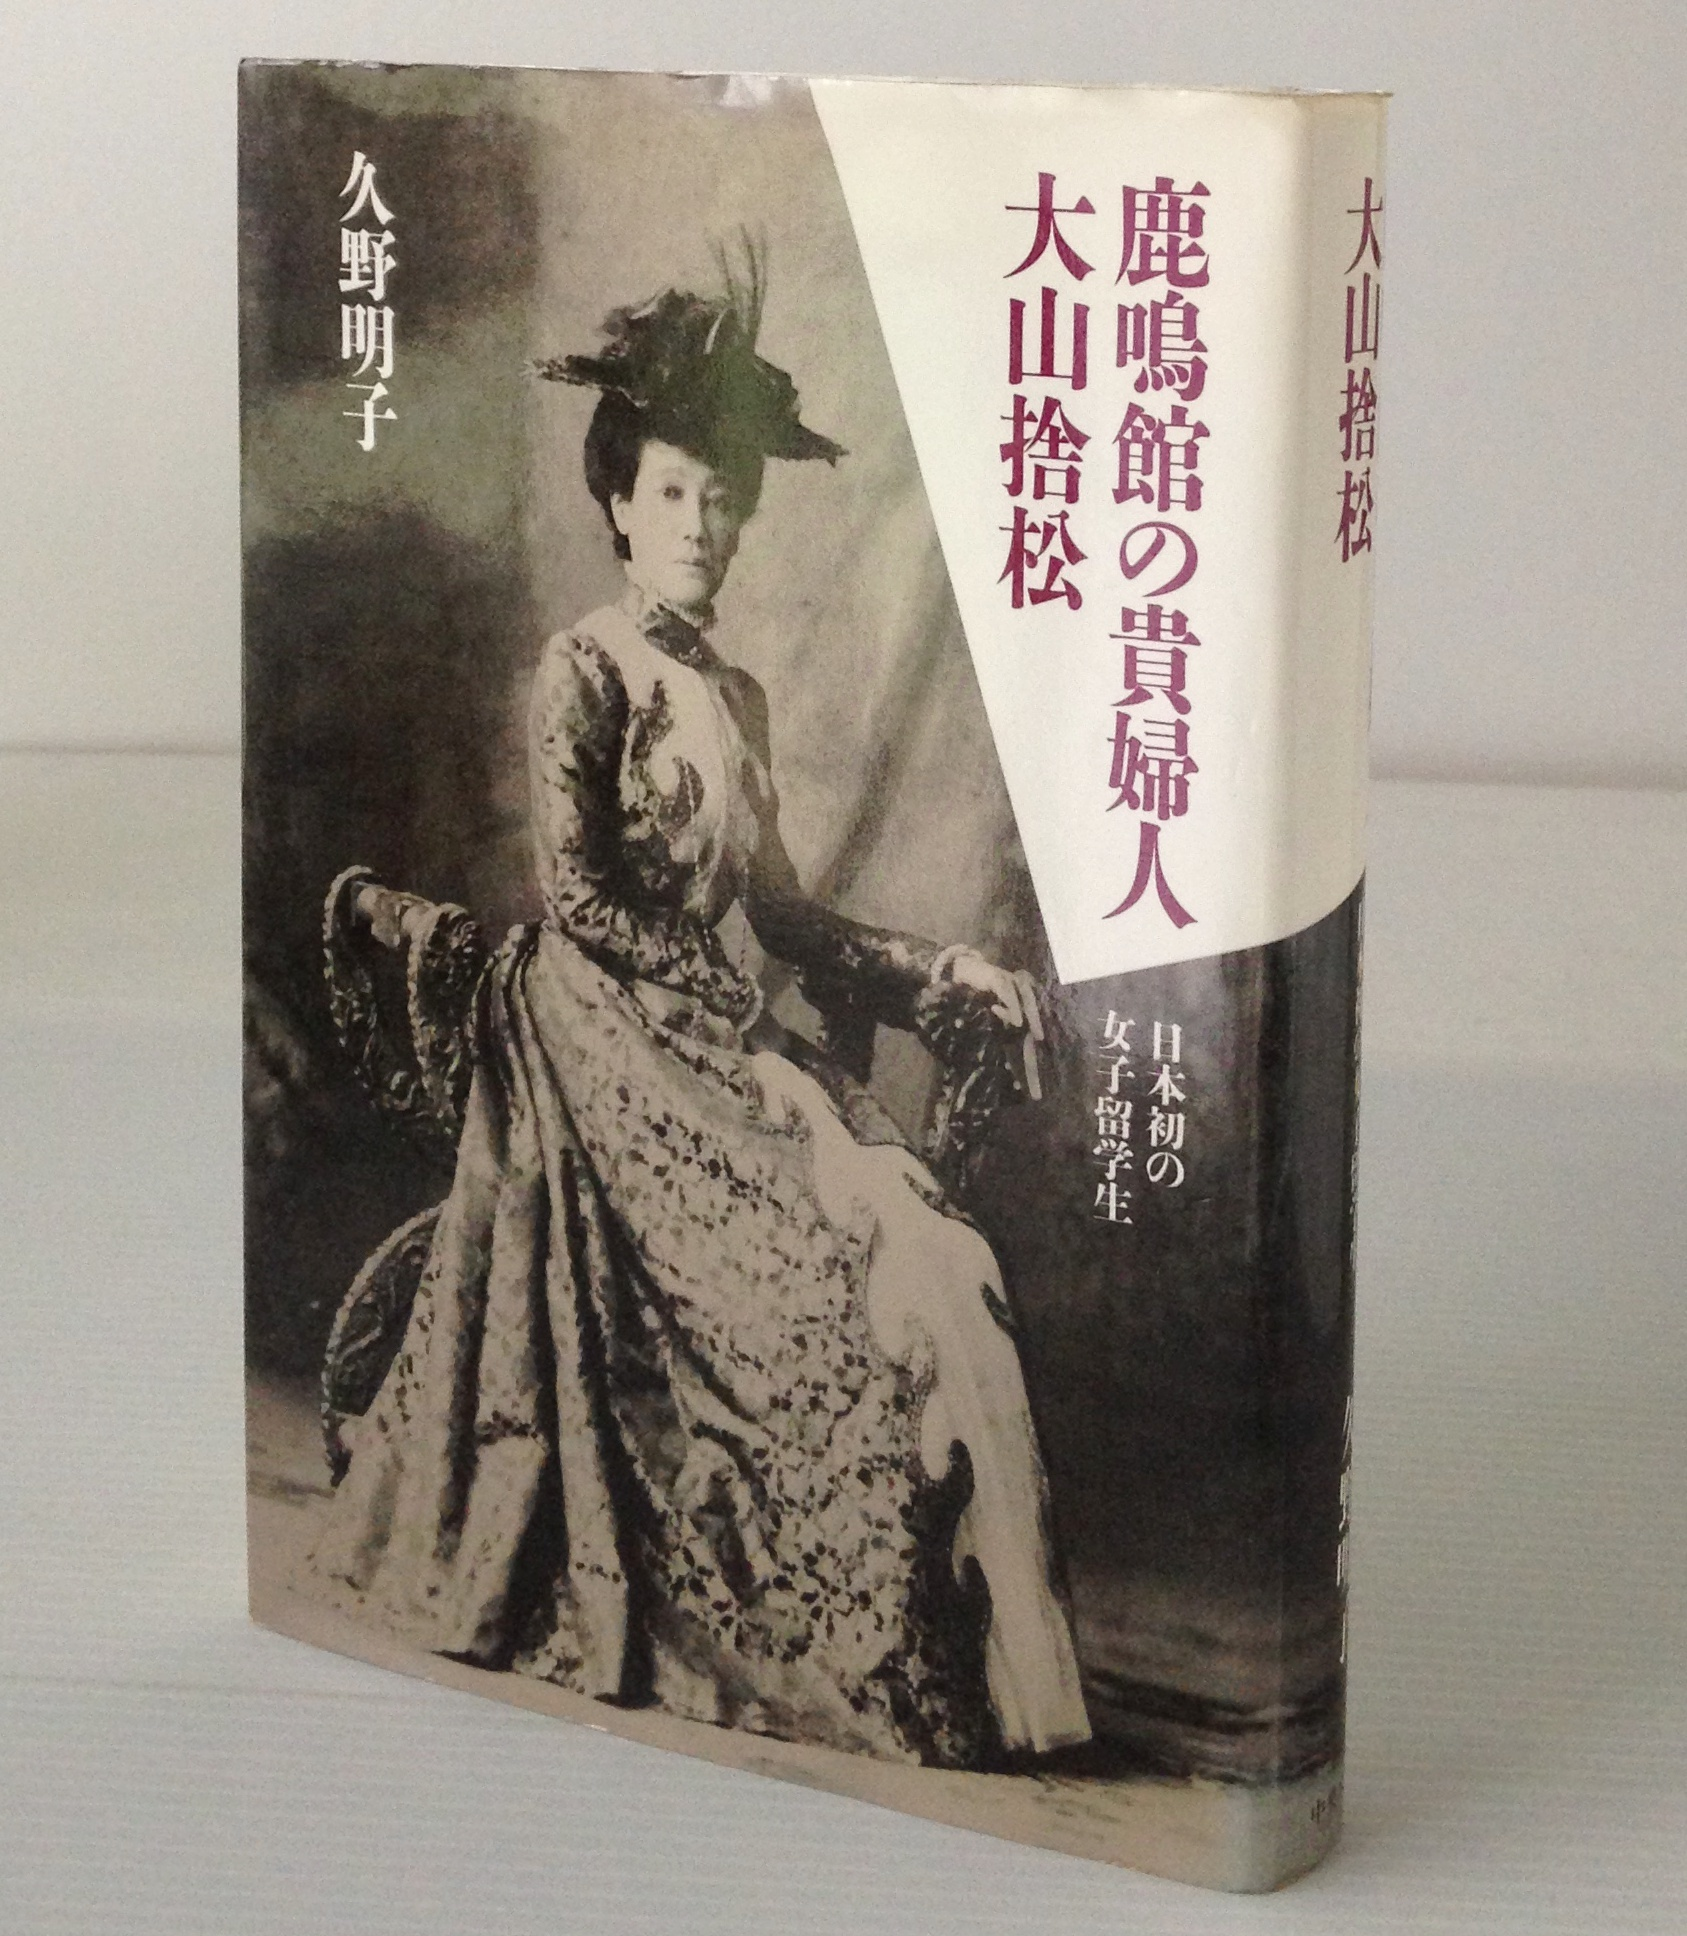 鹿鳴館の貴婦人大山捨松 : 日本初の女子留学生/久野明子 著 | 古書店 ...